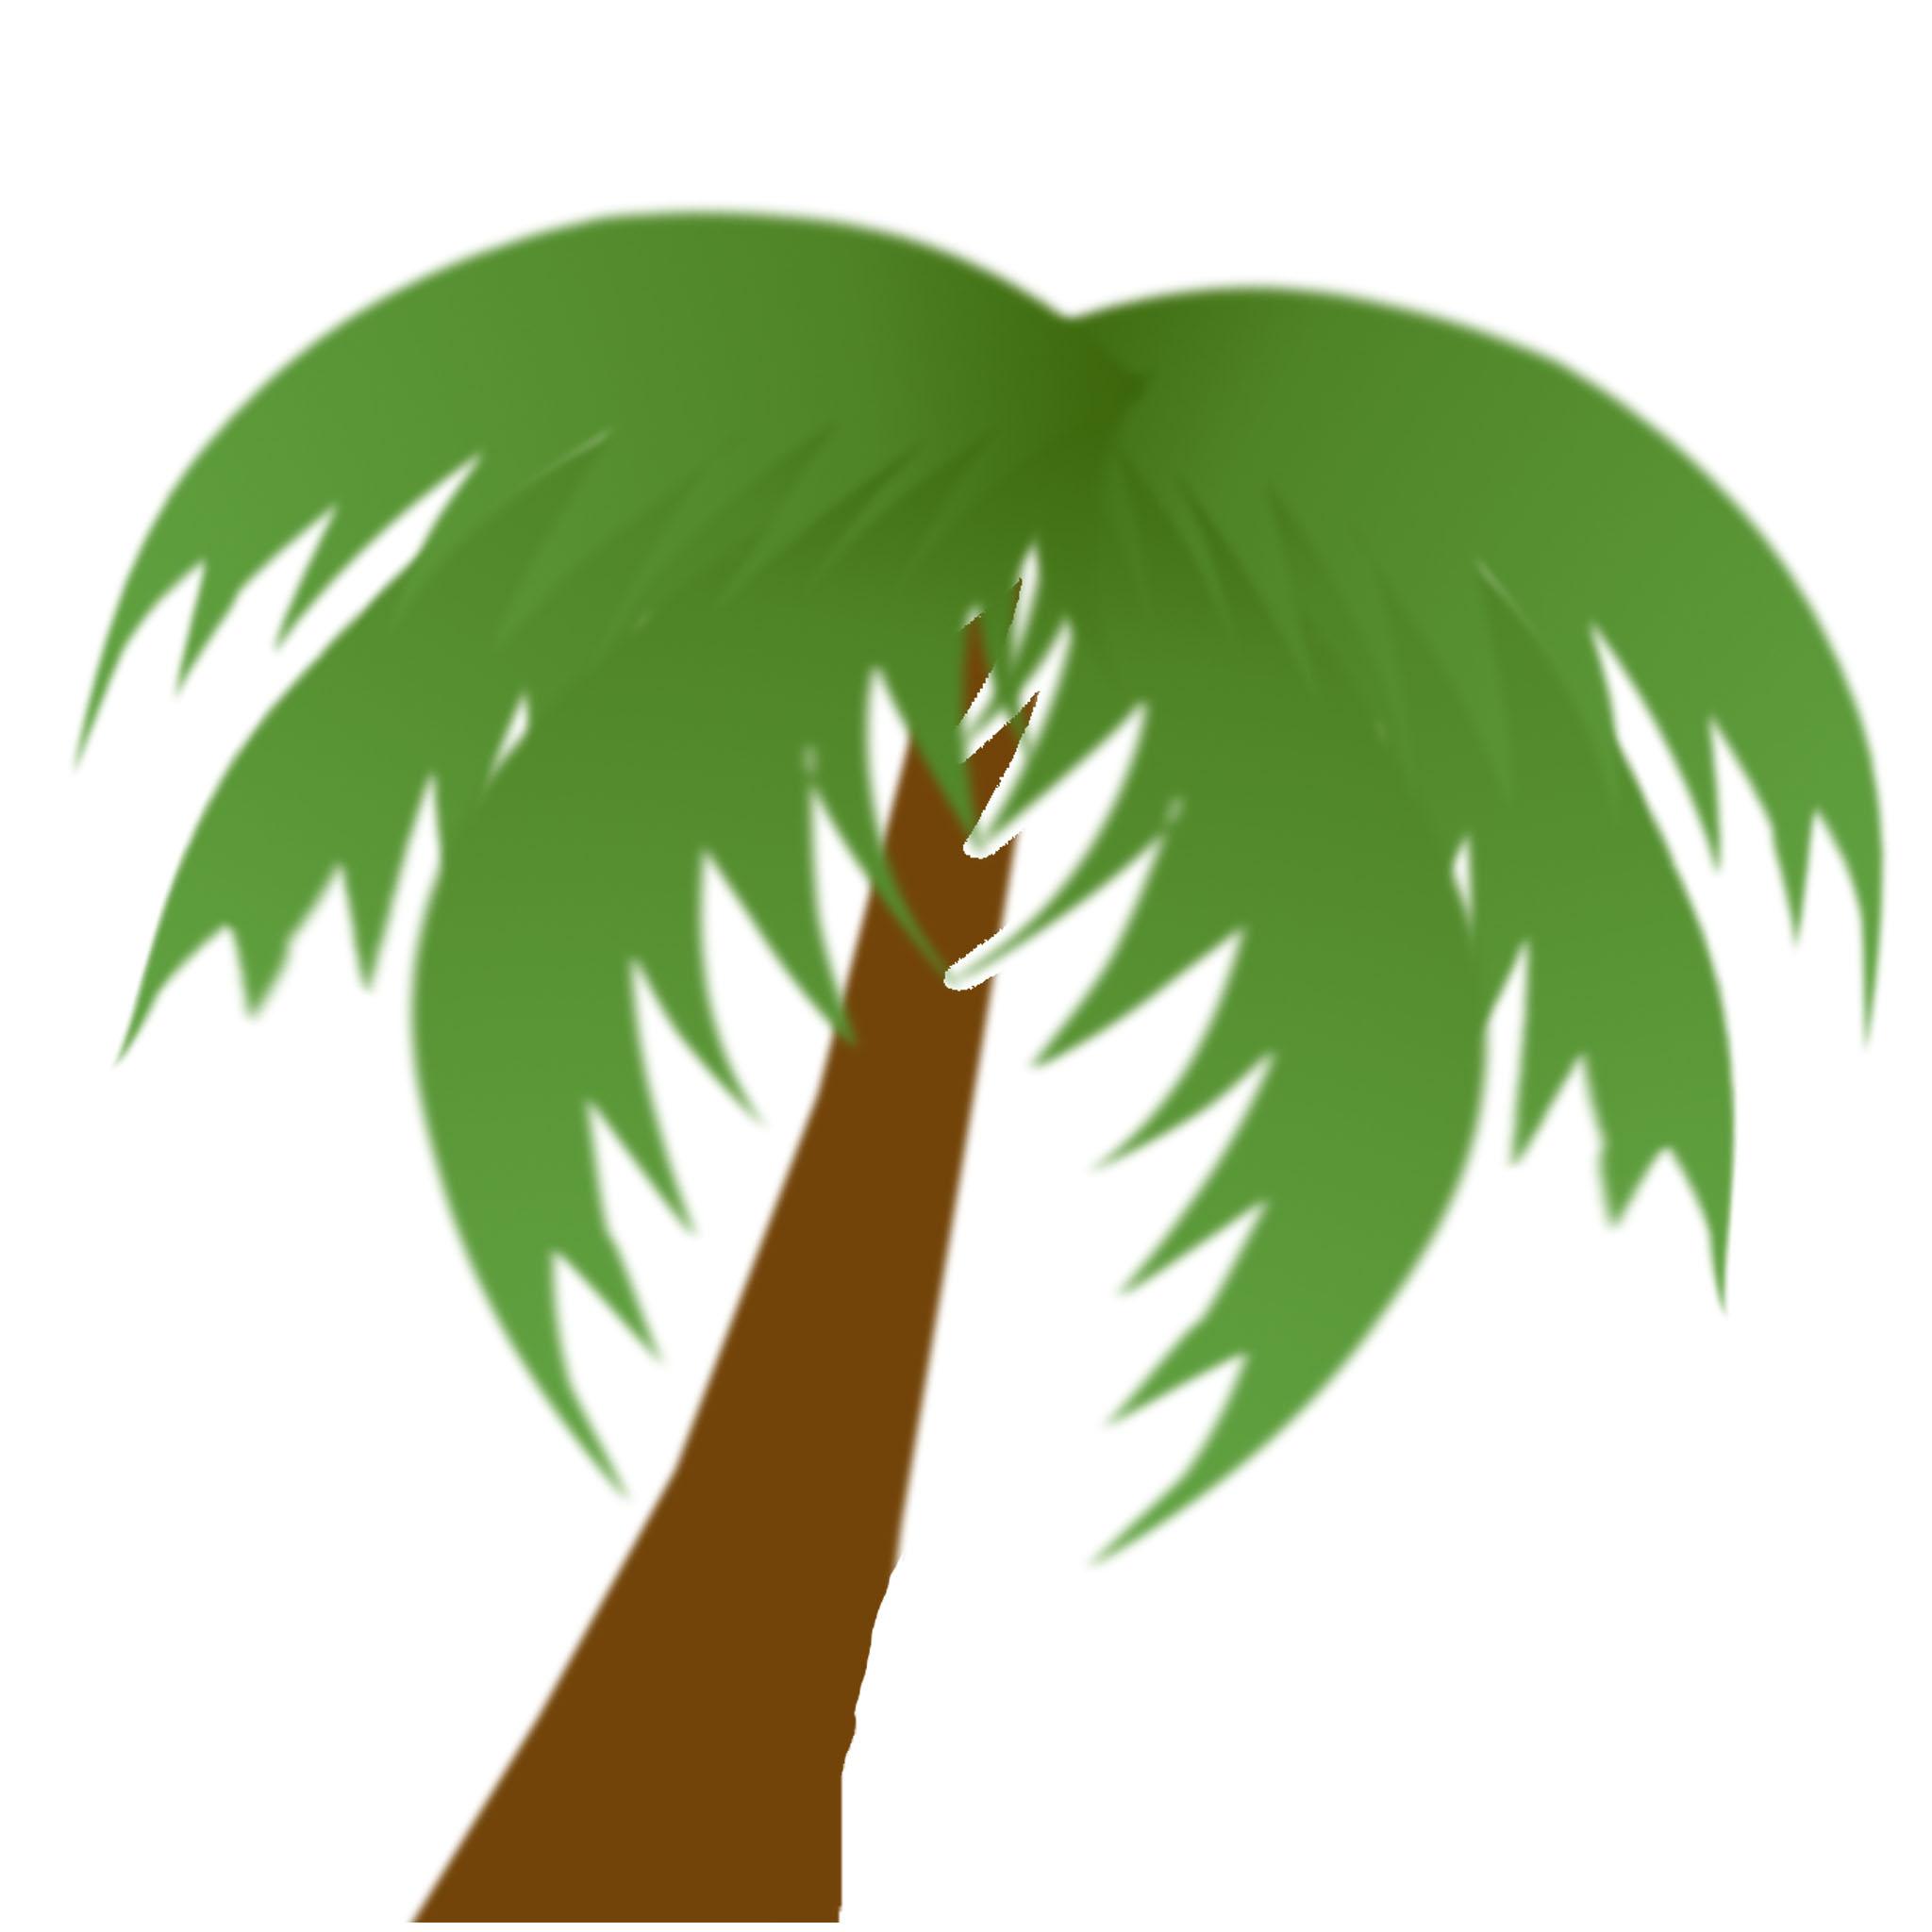 Tree Animated.